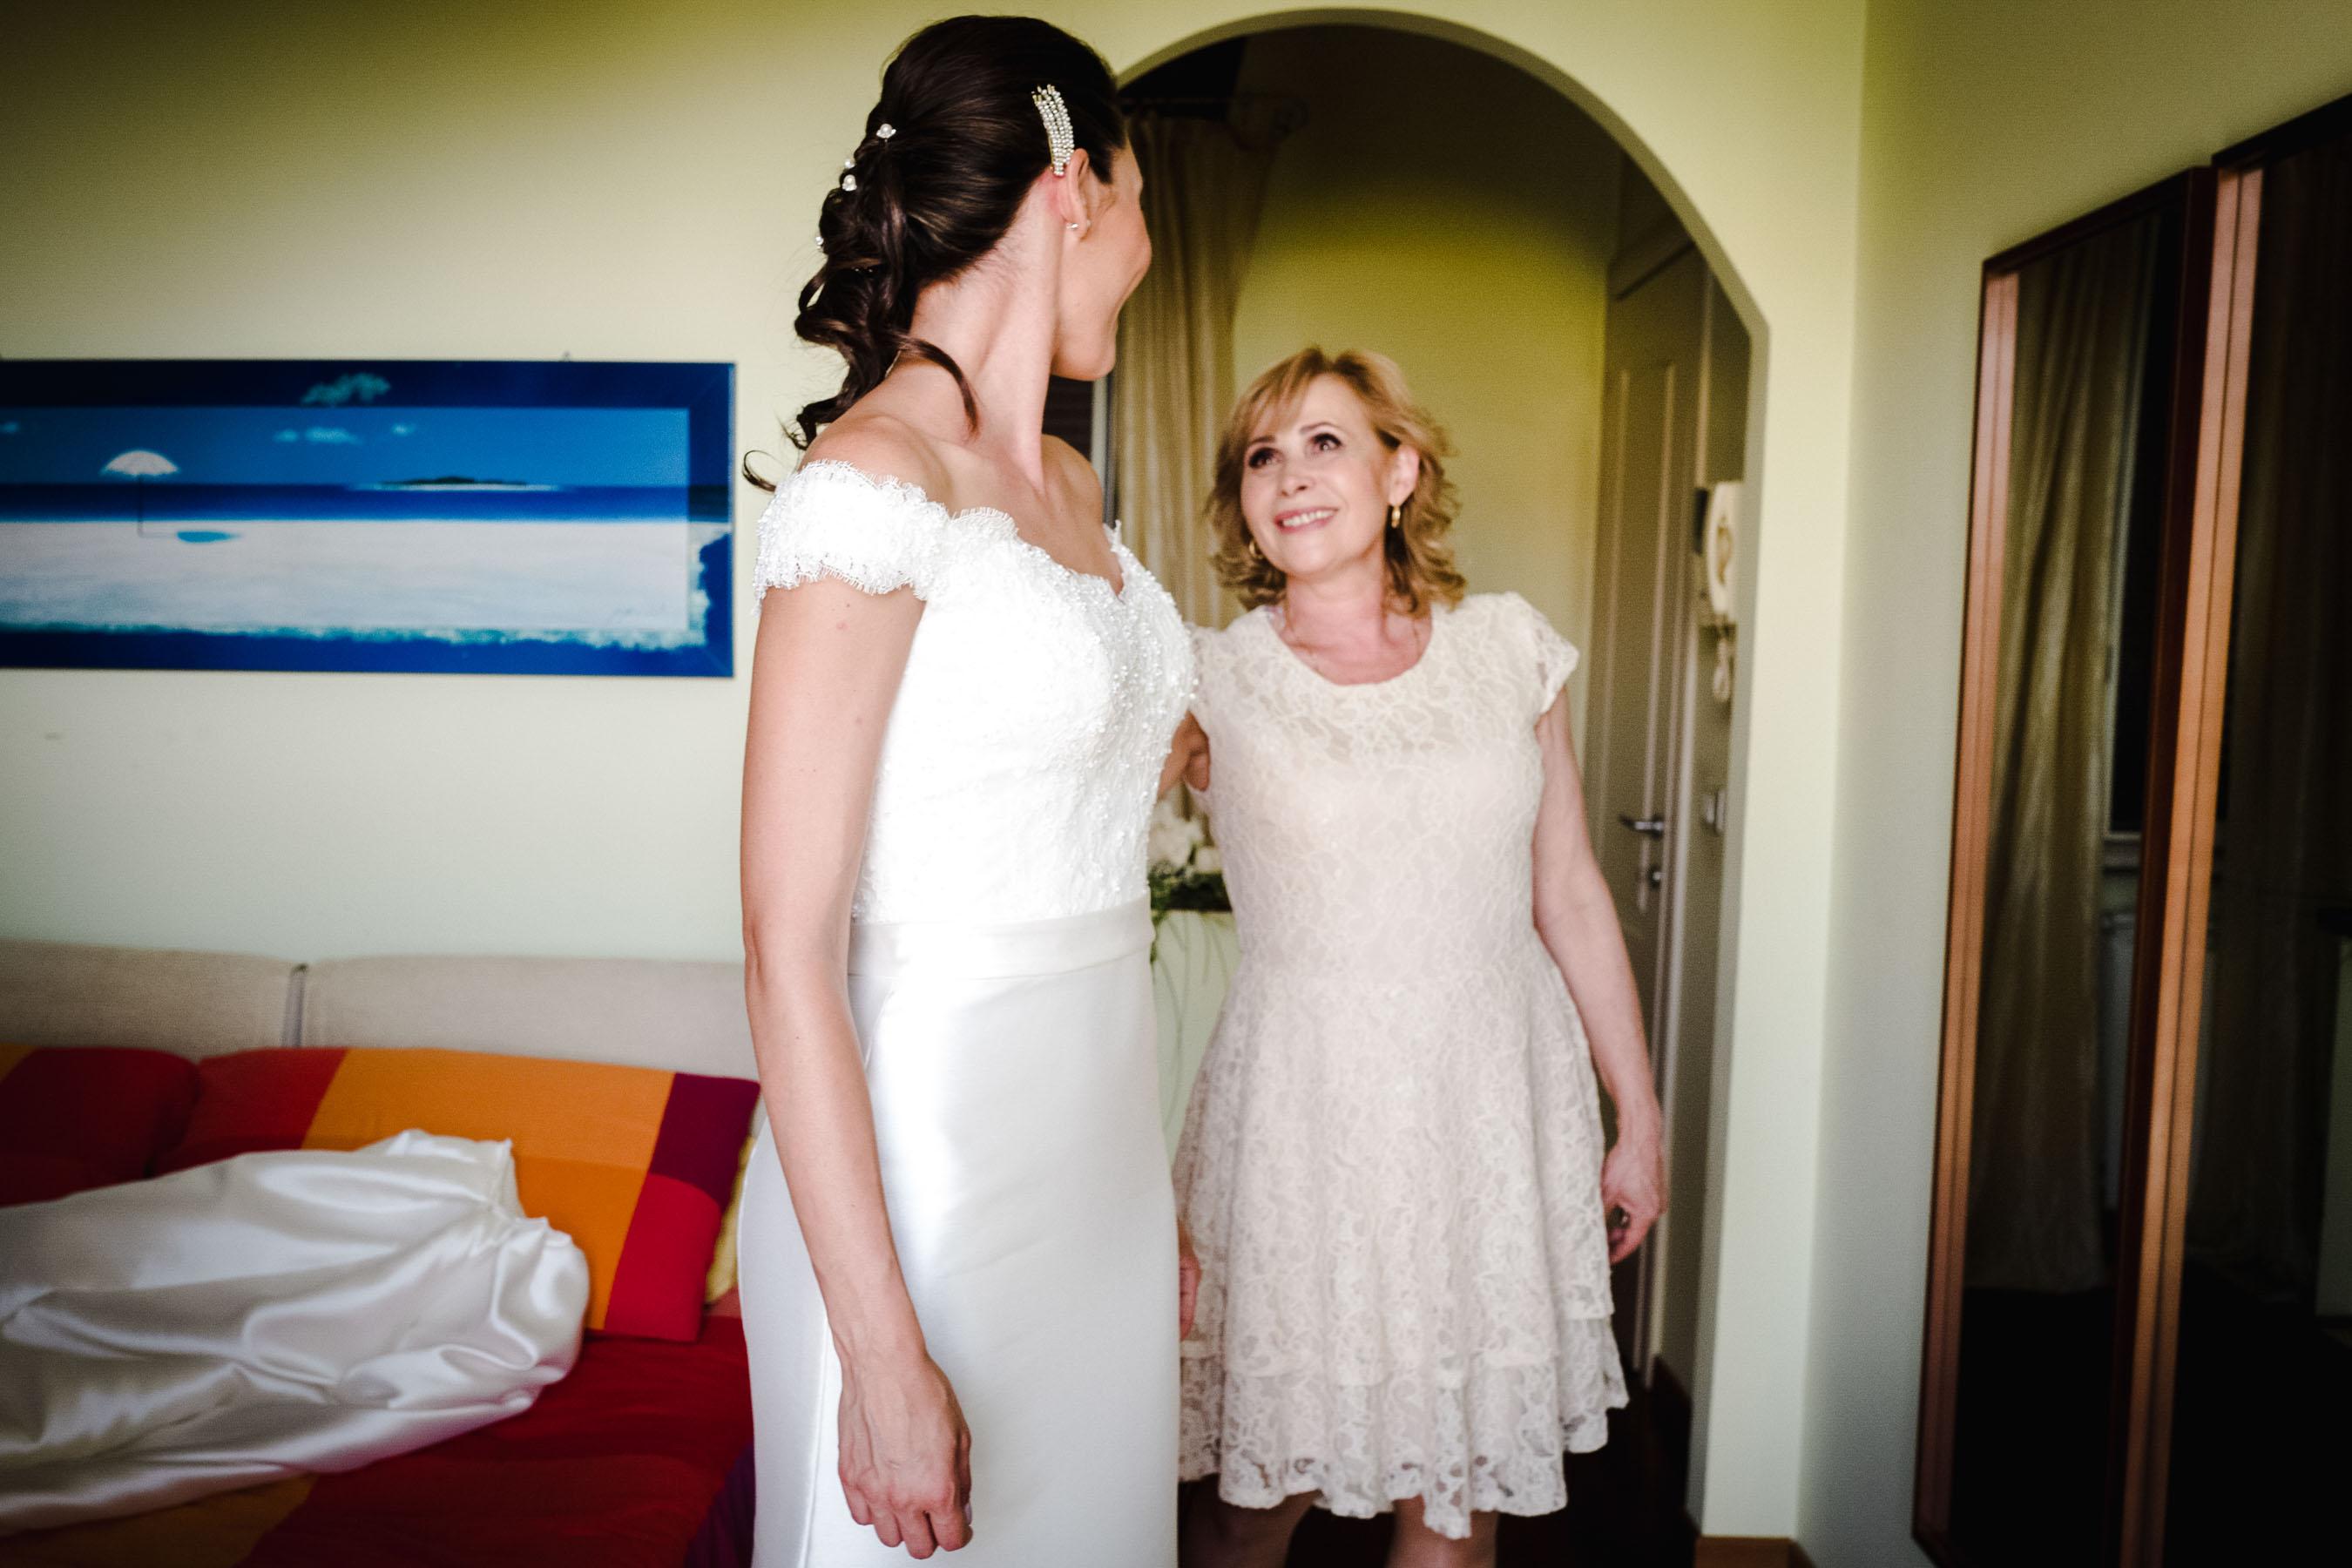 art foto_torino_monica sica photography_la vià _cavour_ fotografo matrimonio_torino-13